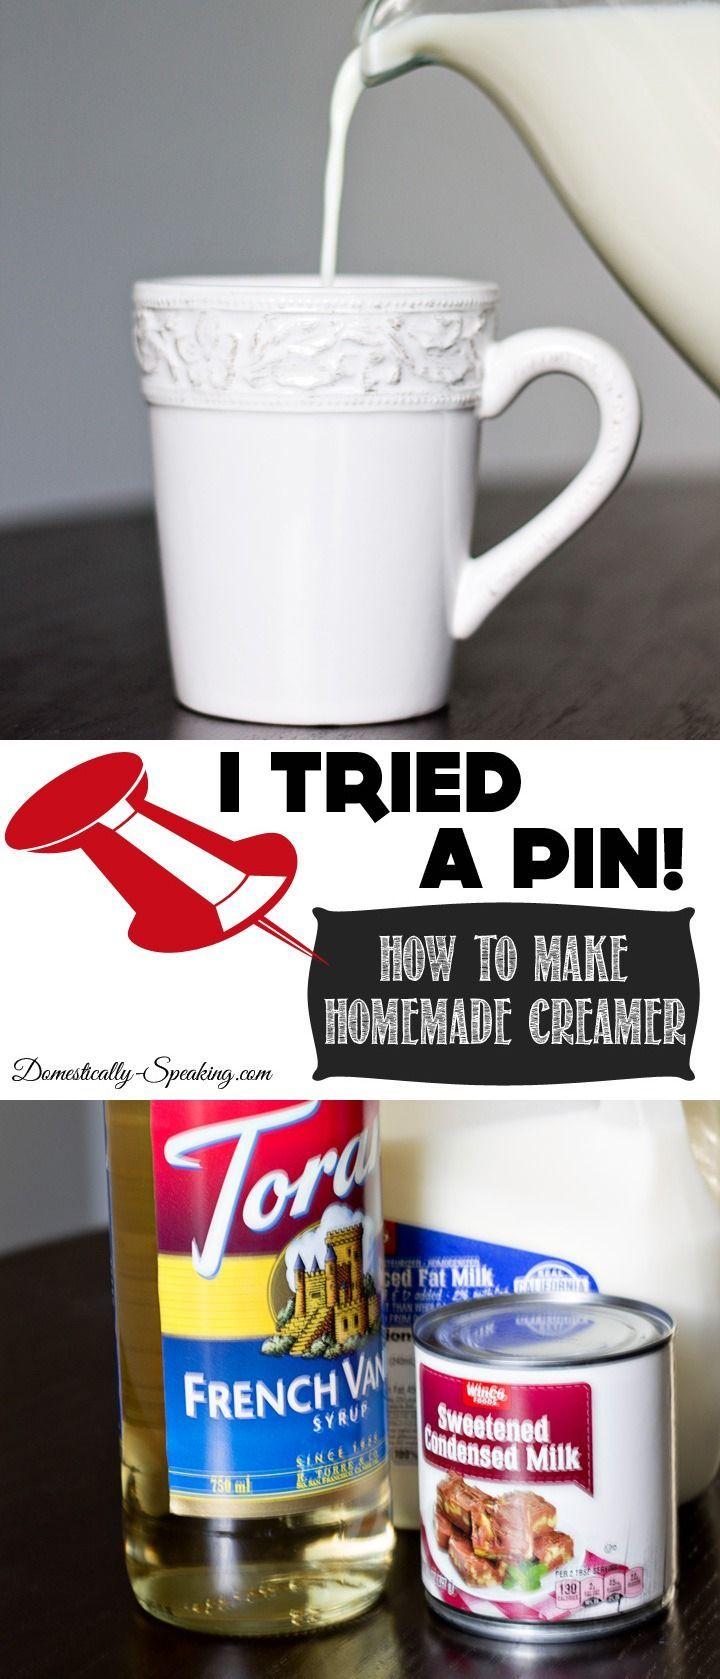 I Tried a Pin... Making Homemade Creamer Homemade coffee